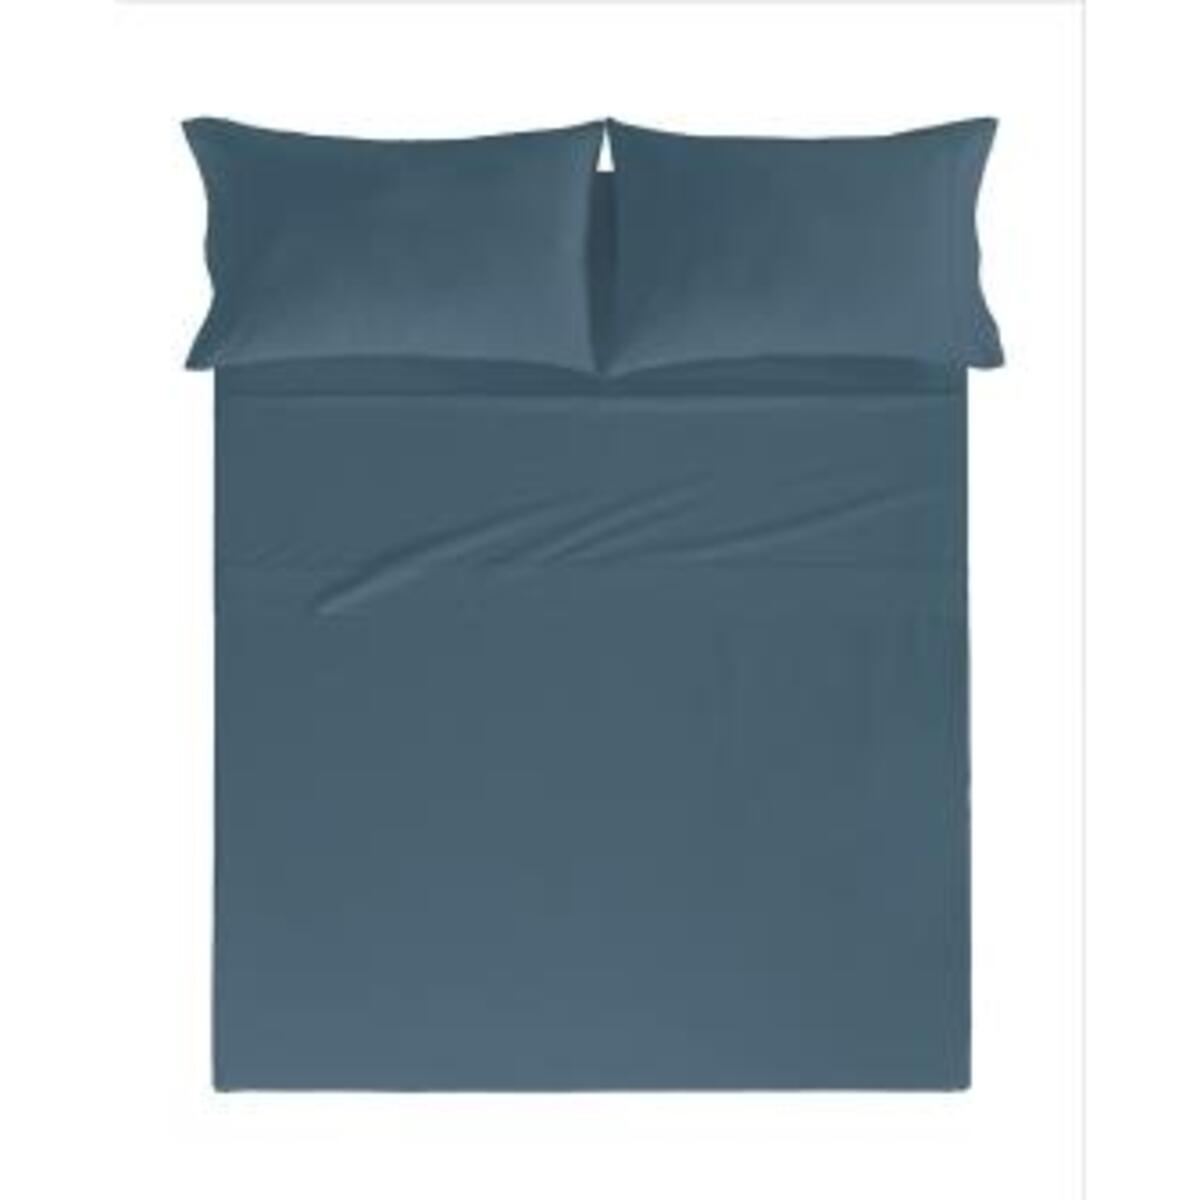 Drap de lit en coton percale pétrole 250x280